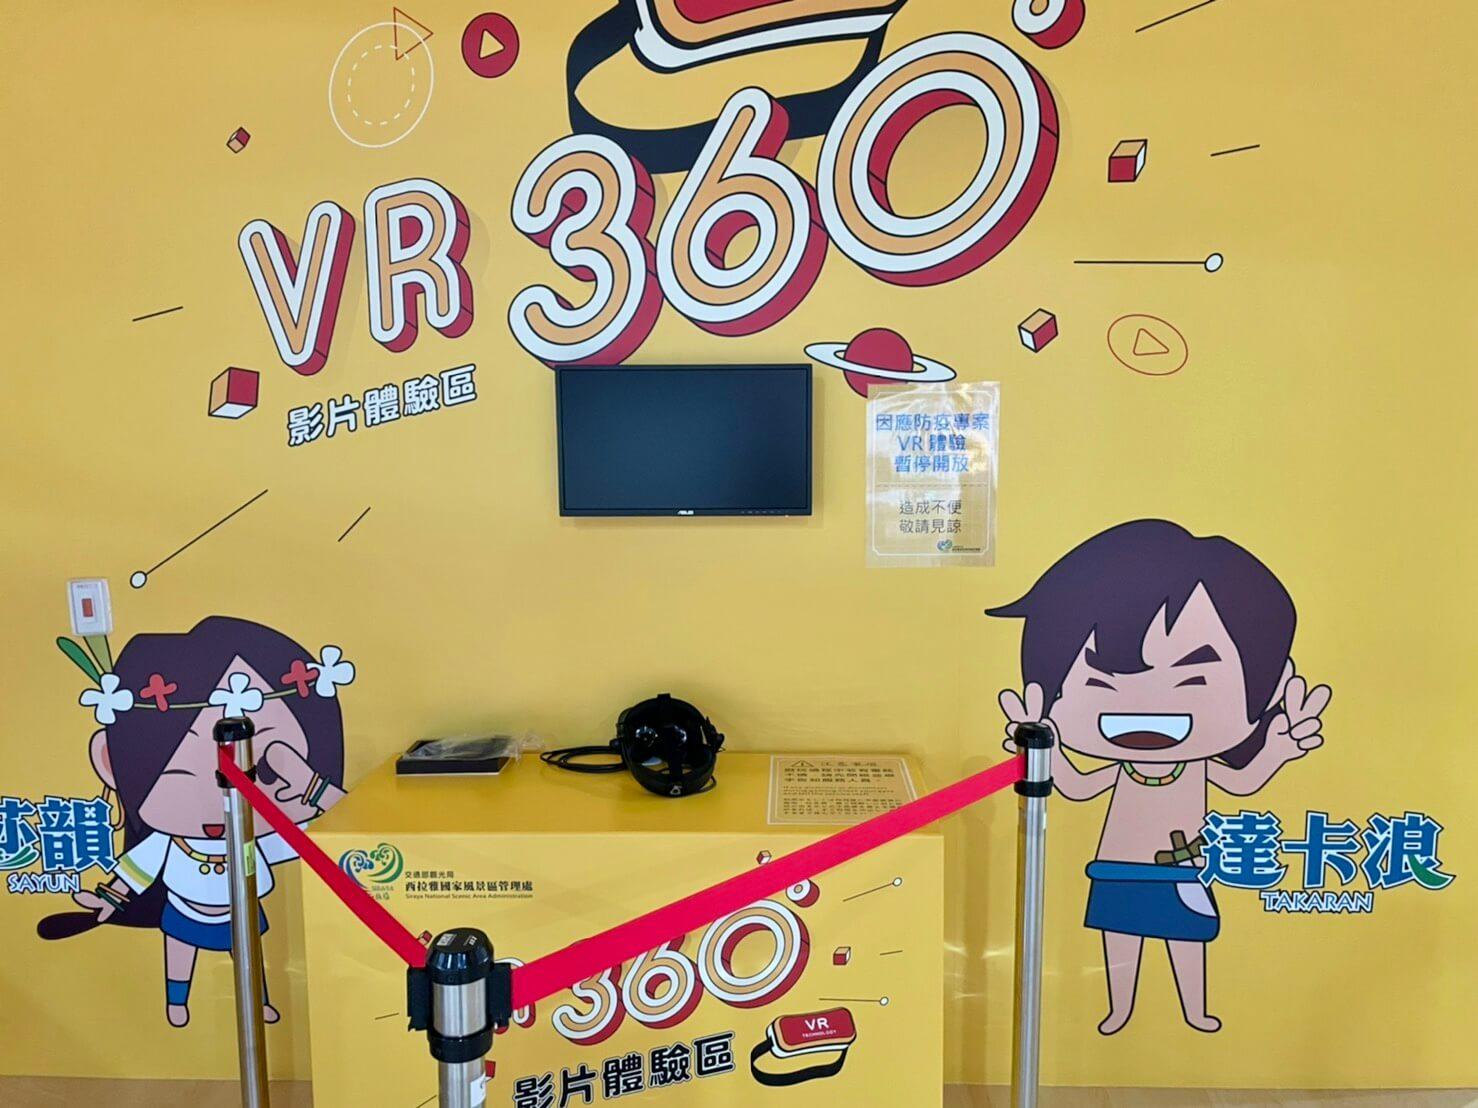 台南免費玩官田遊客中心,好多梅花鹿!VR實境體驗,大草原跑跑,假日放風好去處